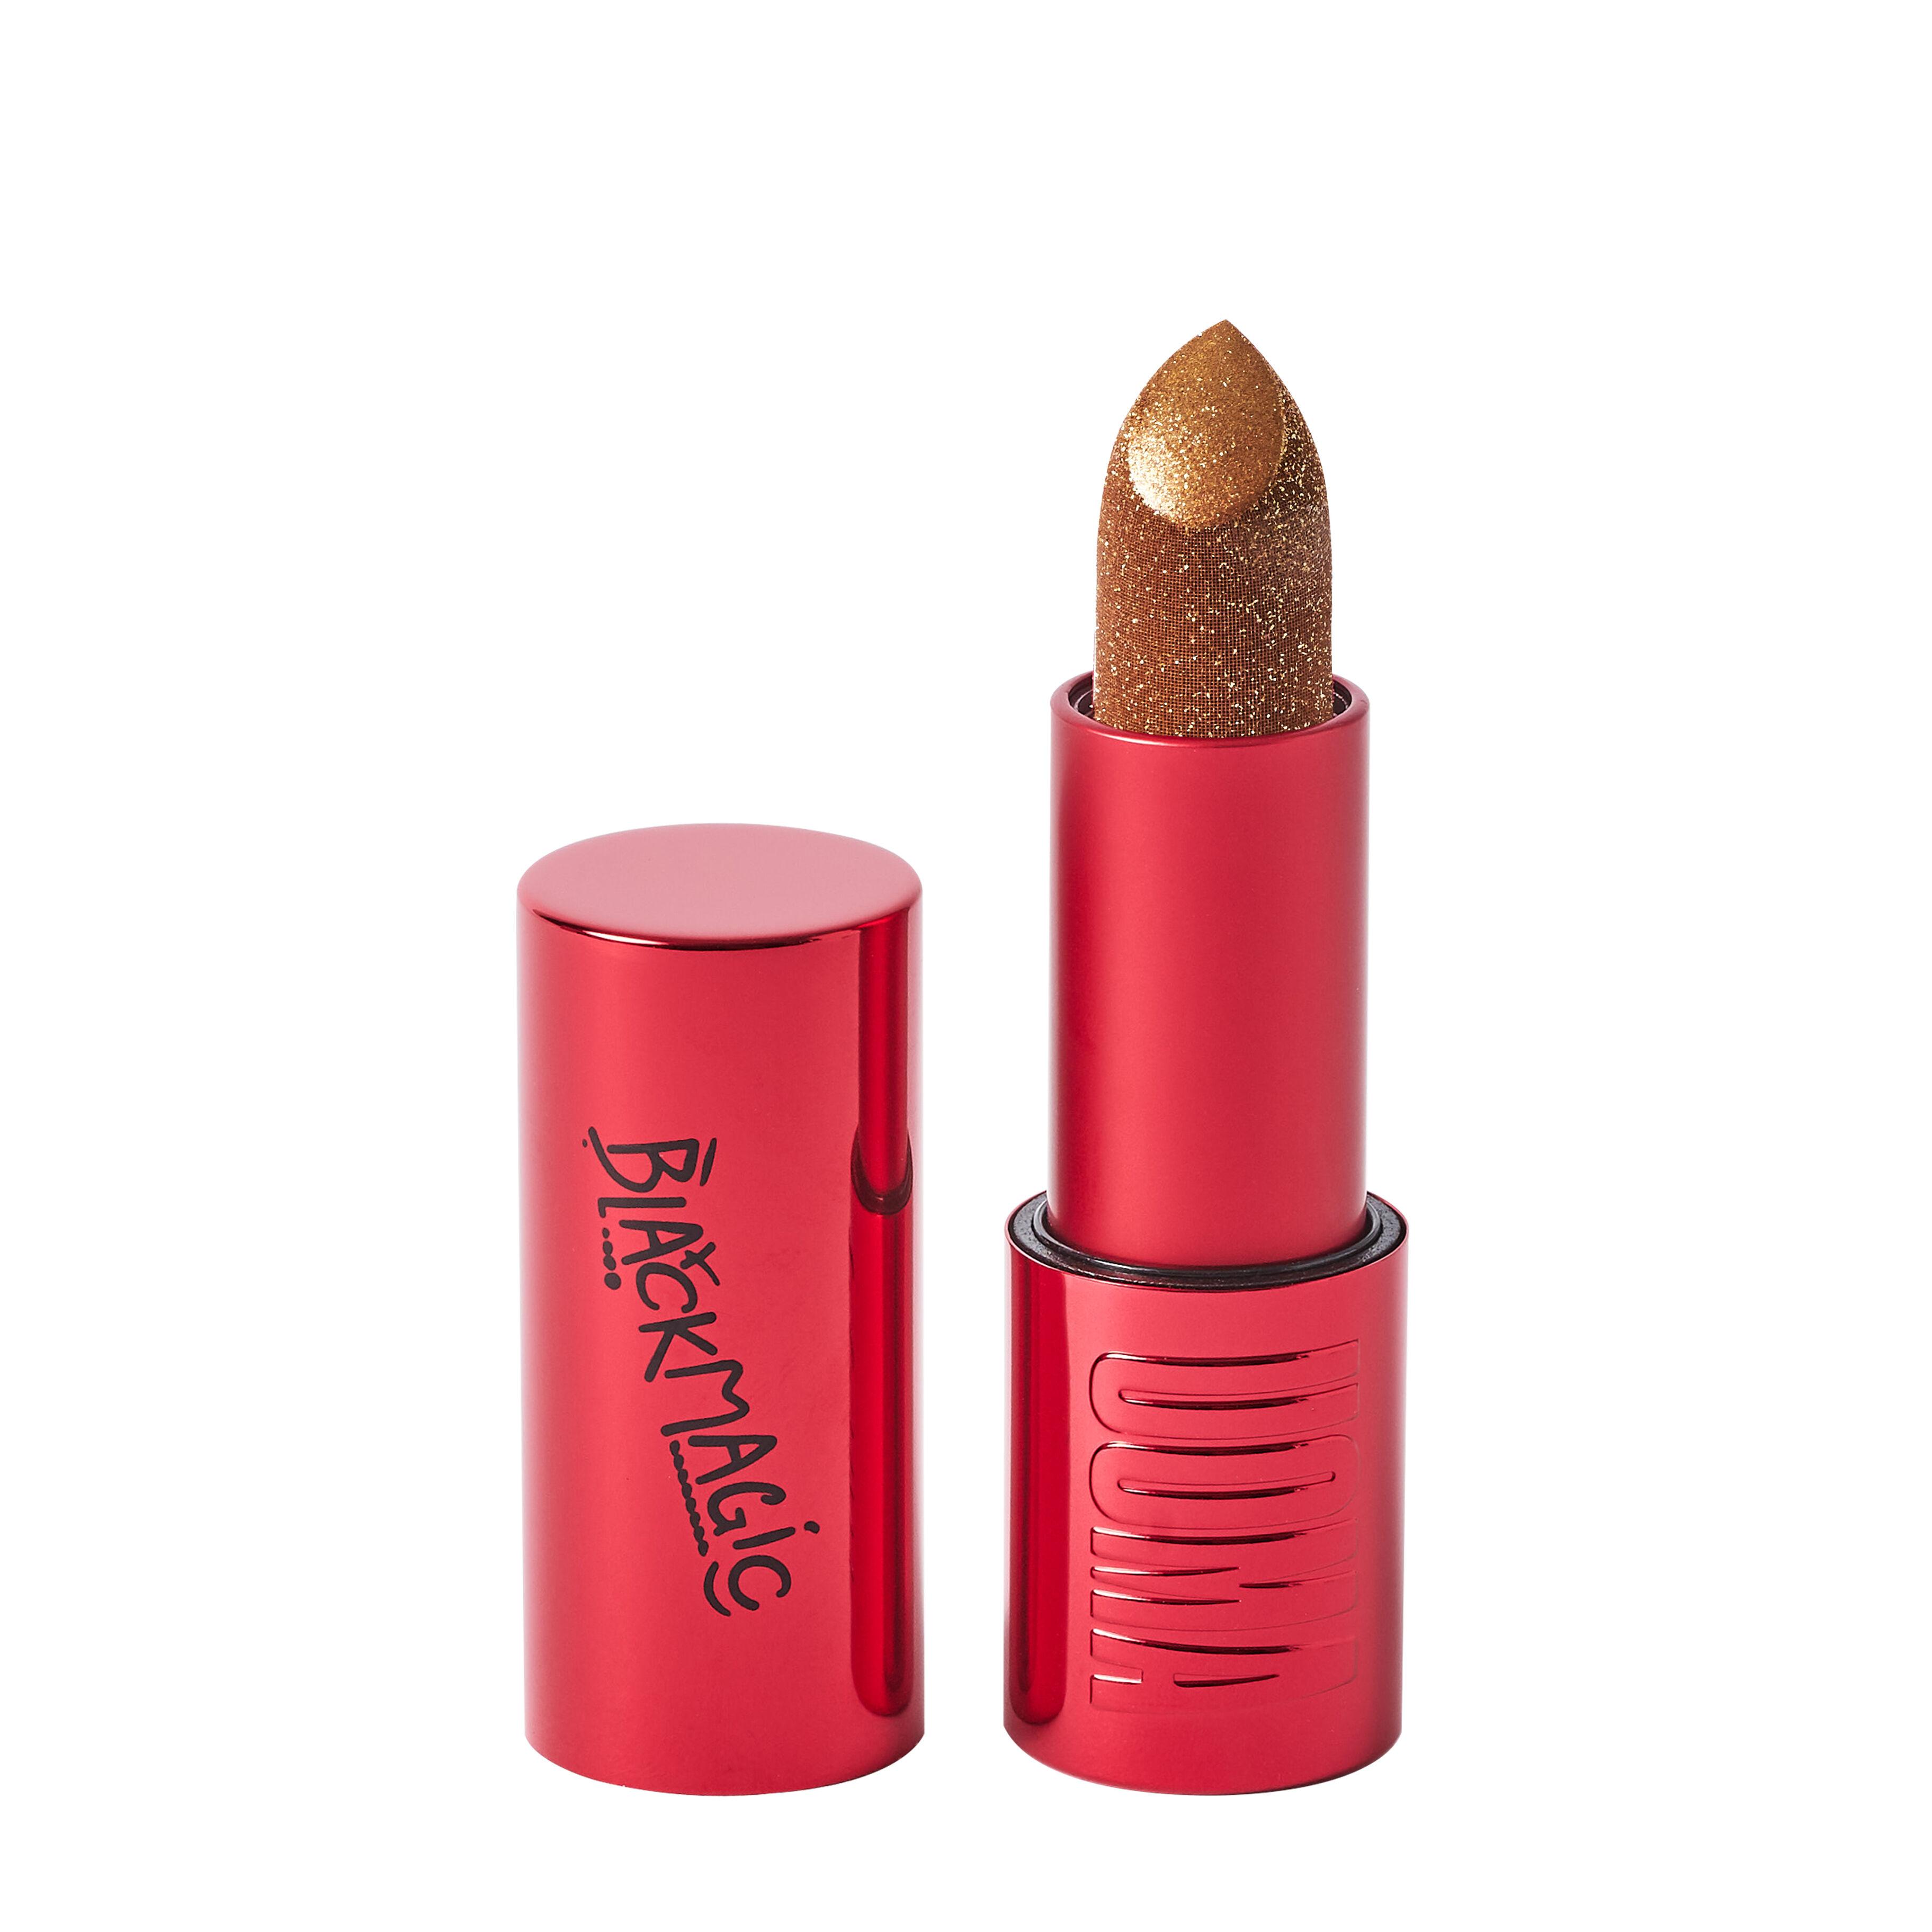 UOMA Beauty Black Magic Metallic Lipstick Lady of Gold 3.5ml